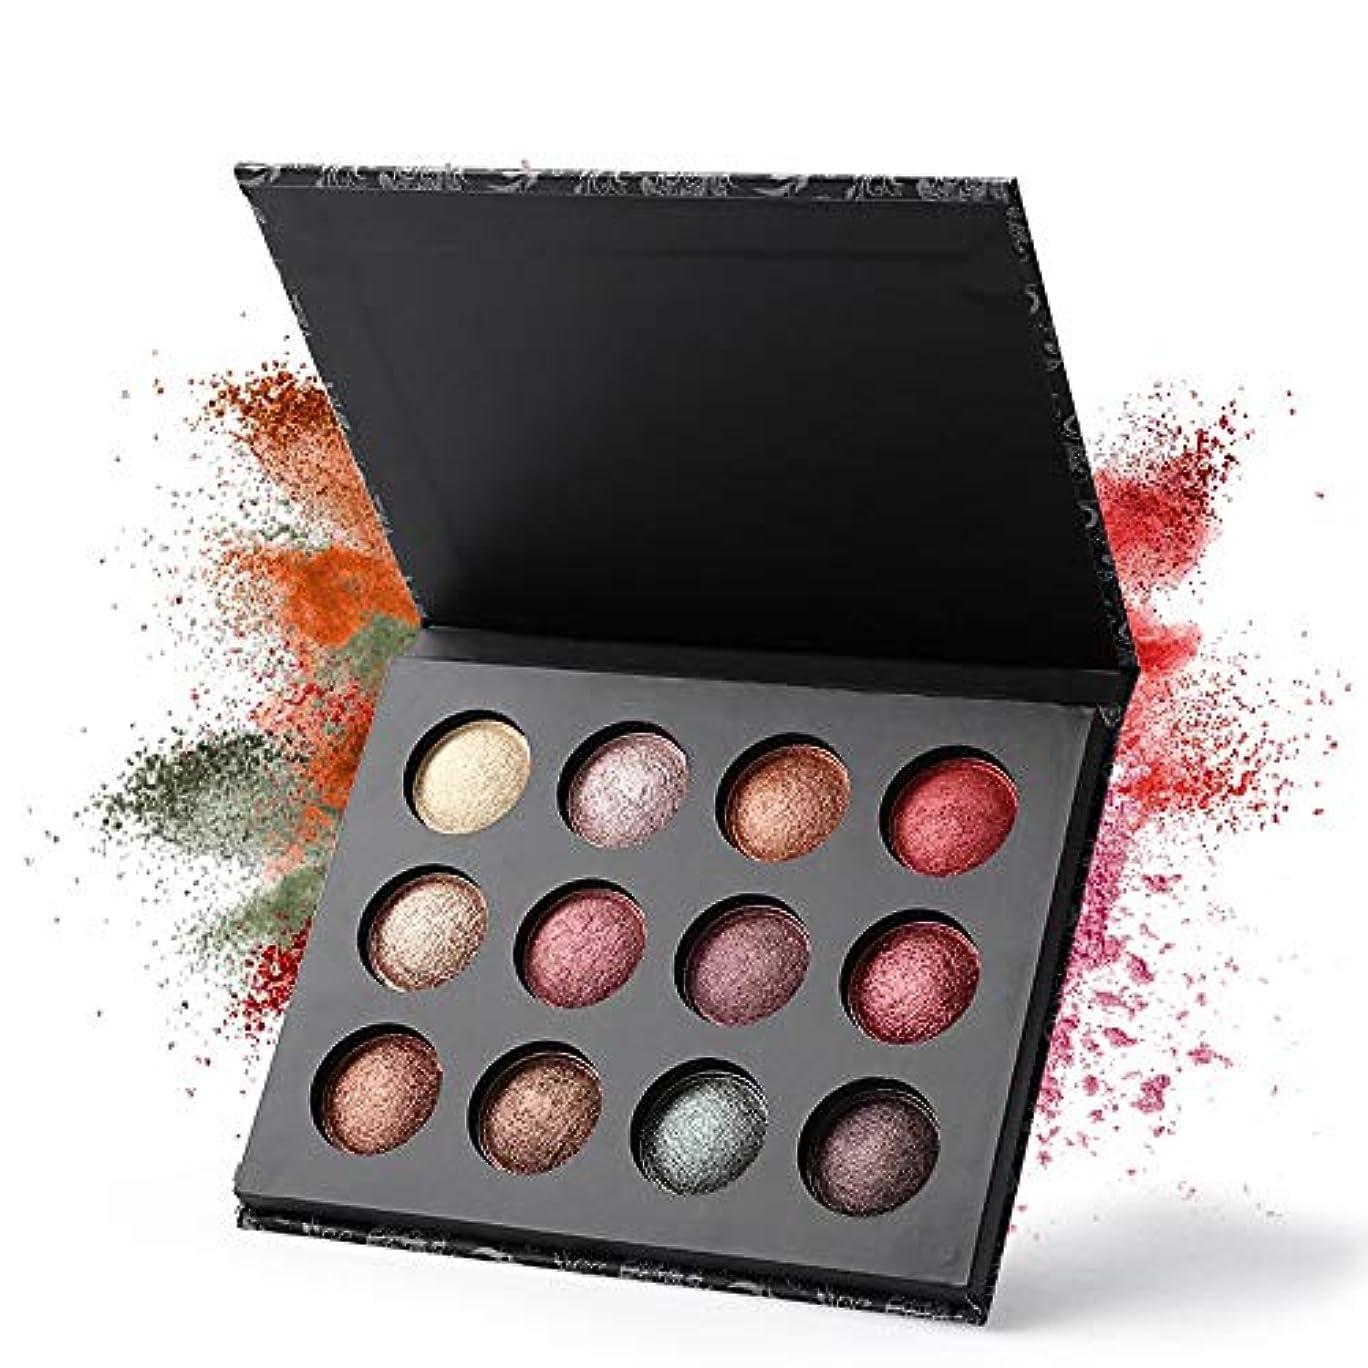 引っ張るバラ色パスAkane アイシャドウパレット UCANBE ファッション 人気 煌き クリーム 気質的 綺麗 マット 魅力的 チャーム 防水 長持ち おしゃれ 持ち便利 Eye Shadow (12色)